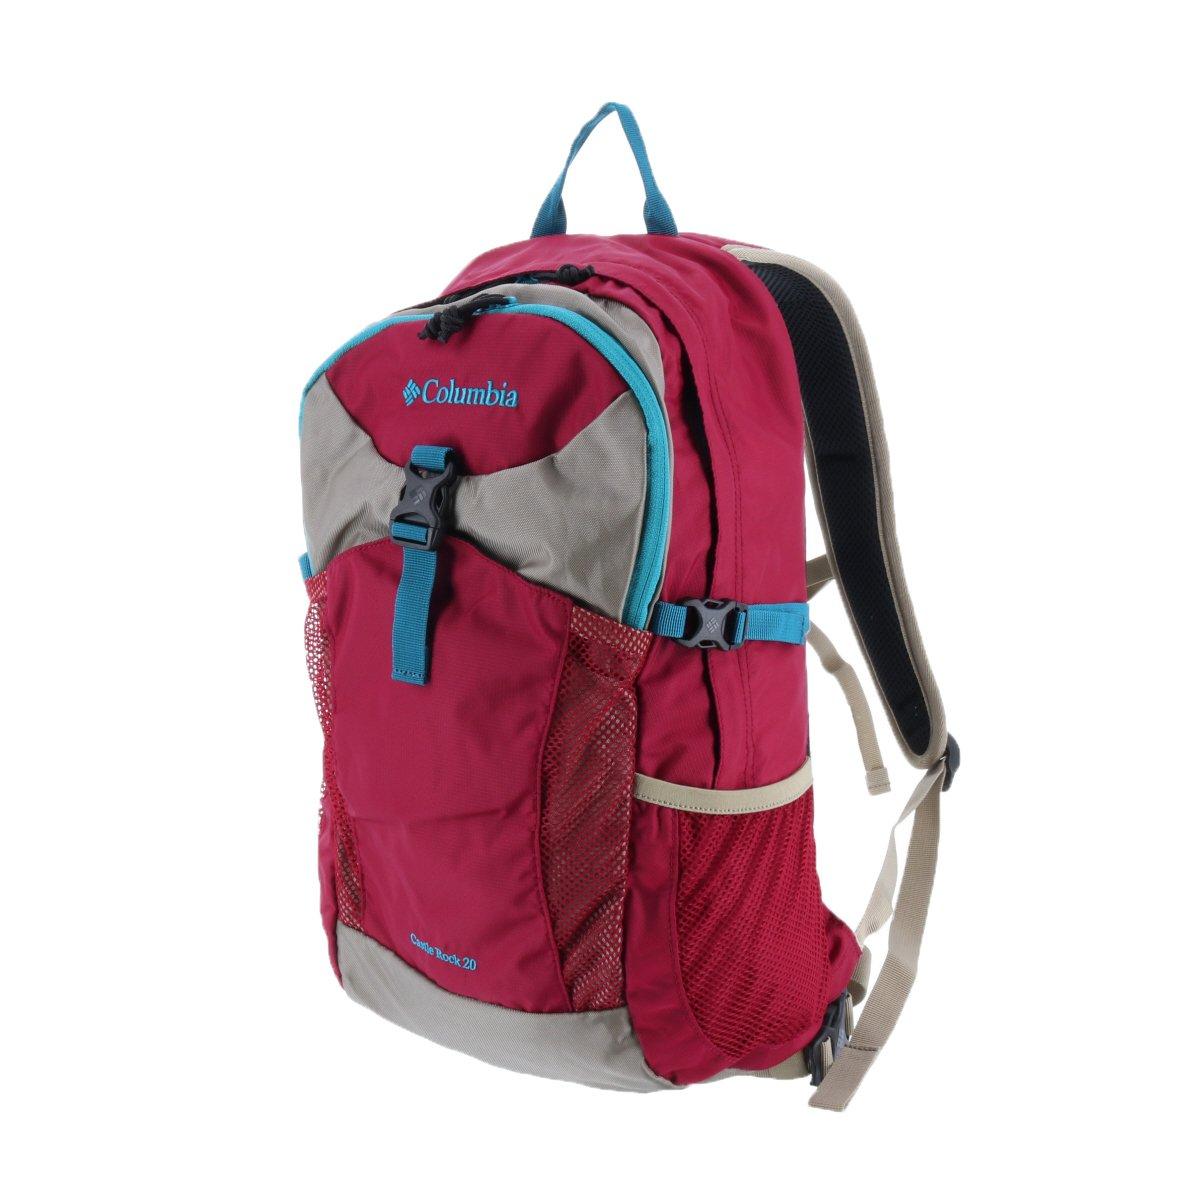 (コロンビア) Columbia リュックサック デイパック [Castle Rock 20L Backpack II] B07CKRSZJX 5.ポムグラネイト 5.ポムグラネイト